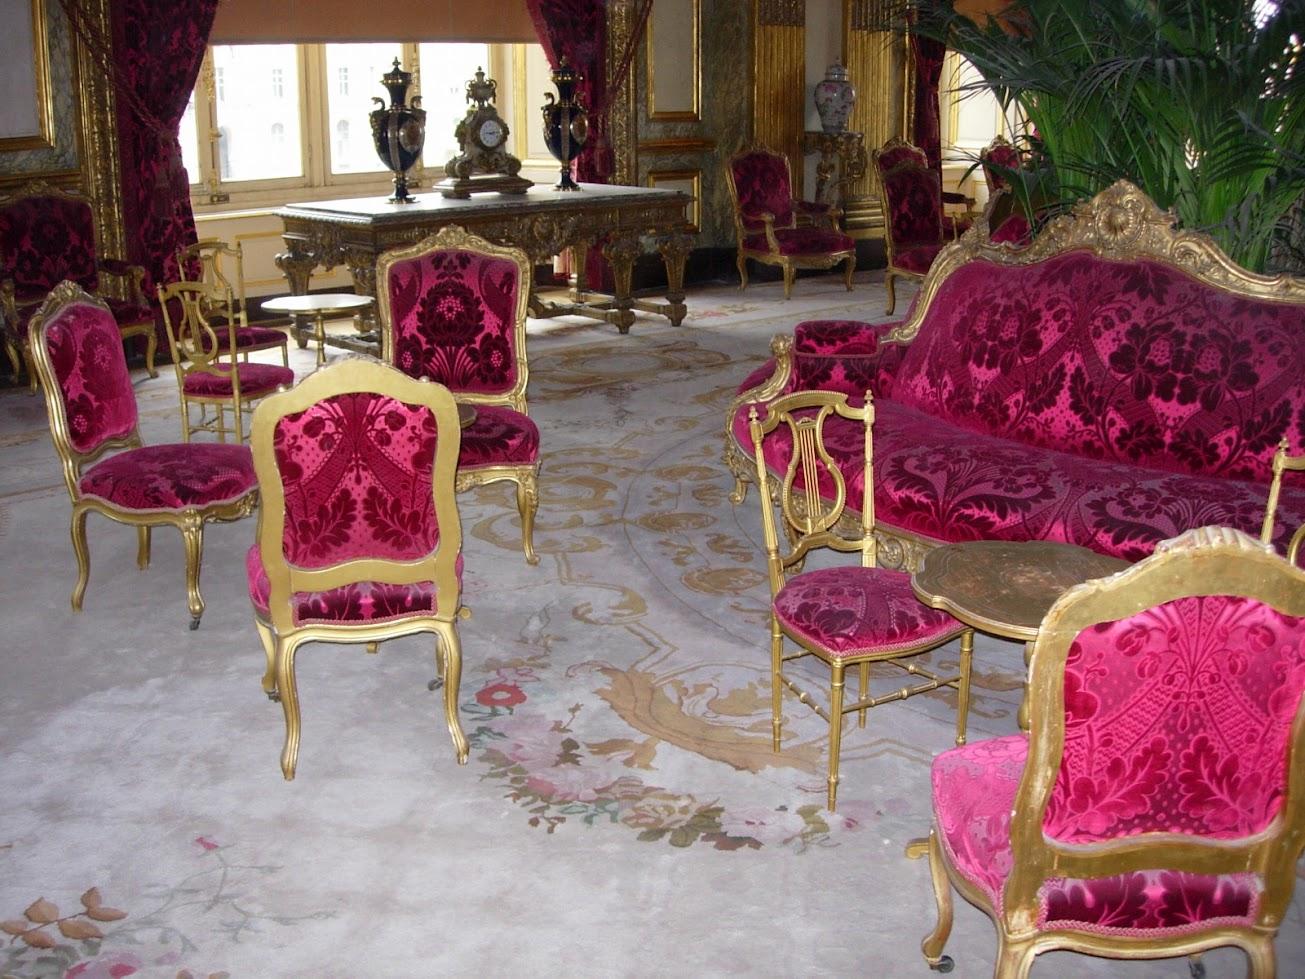 Meubles se trouvant dans les appartements Napoléon III au Musée du Louvre à Paris